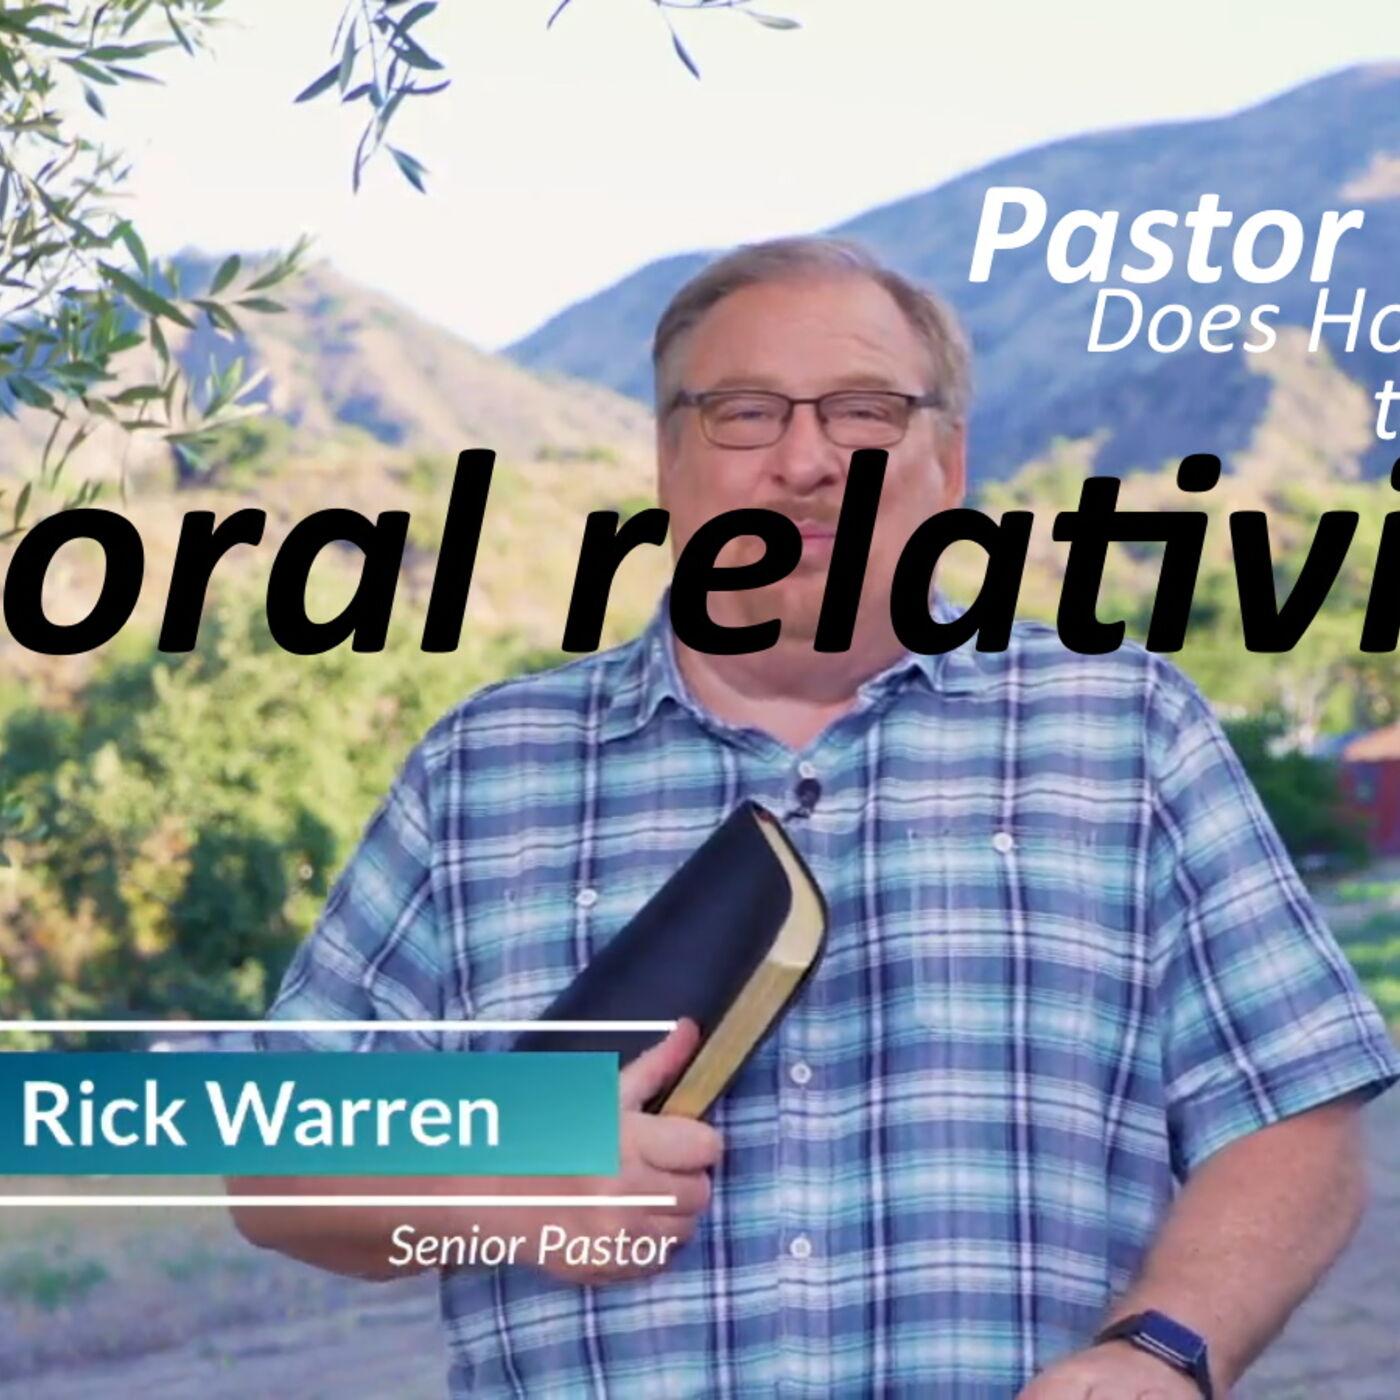 Back to Life: Rick Warren's Moral Relativism